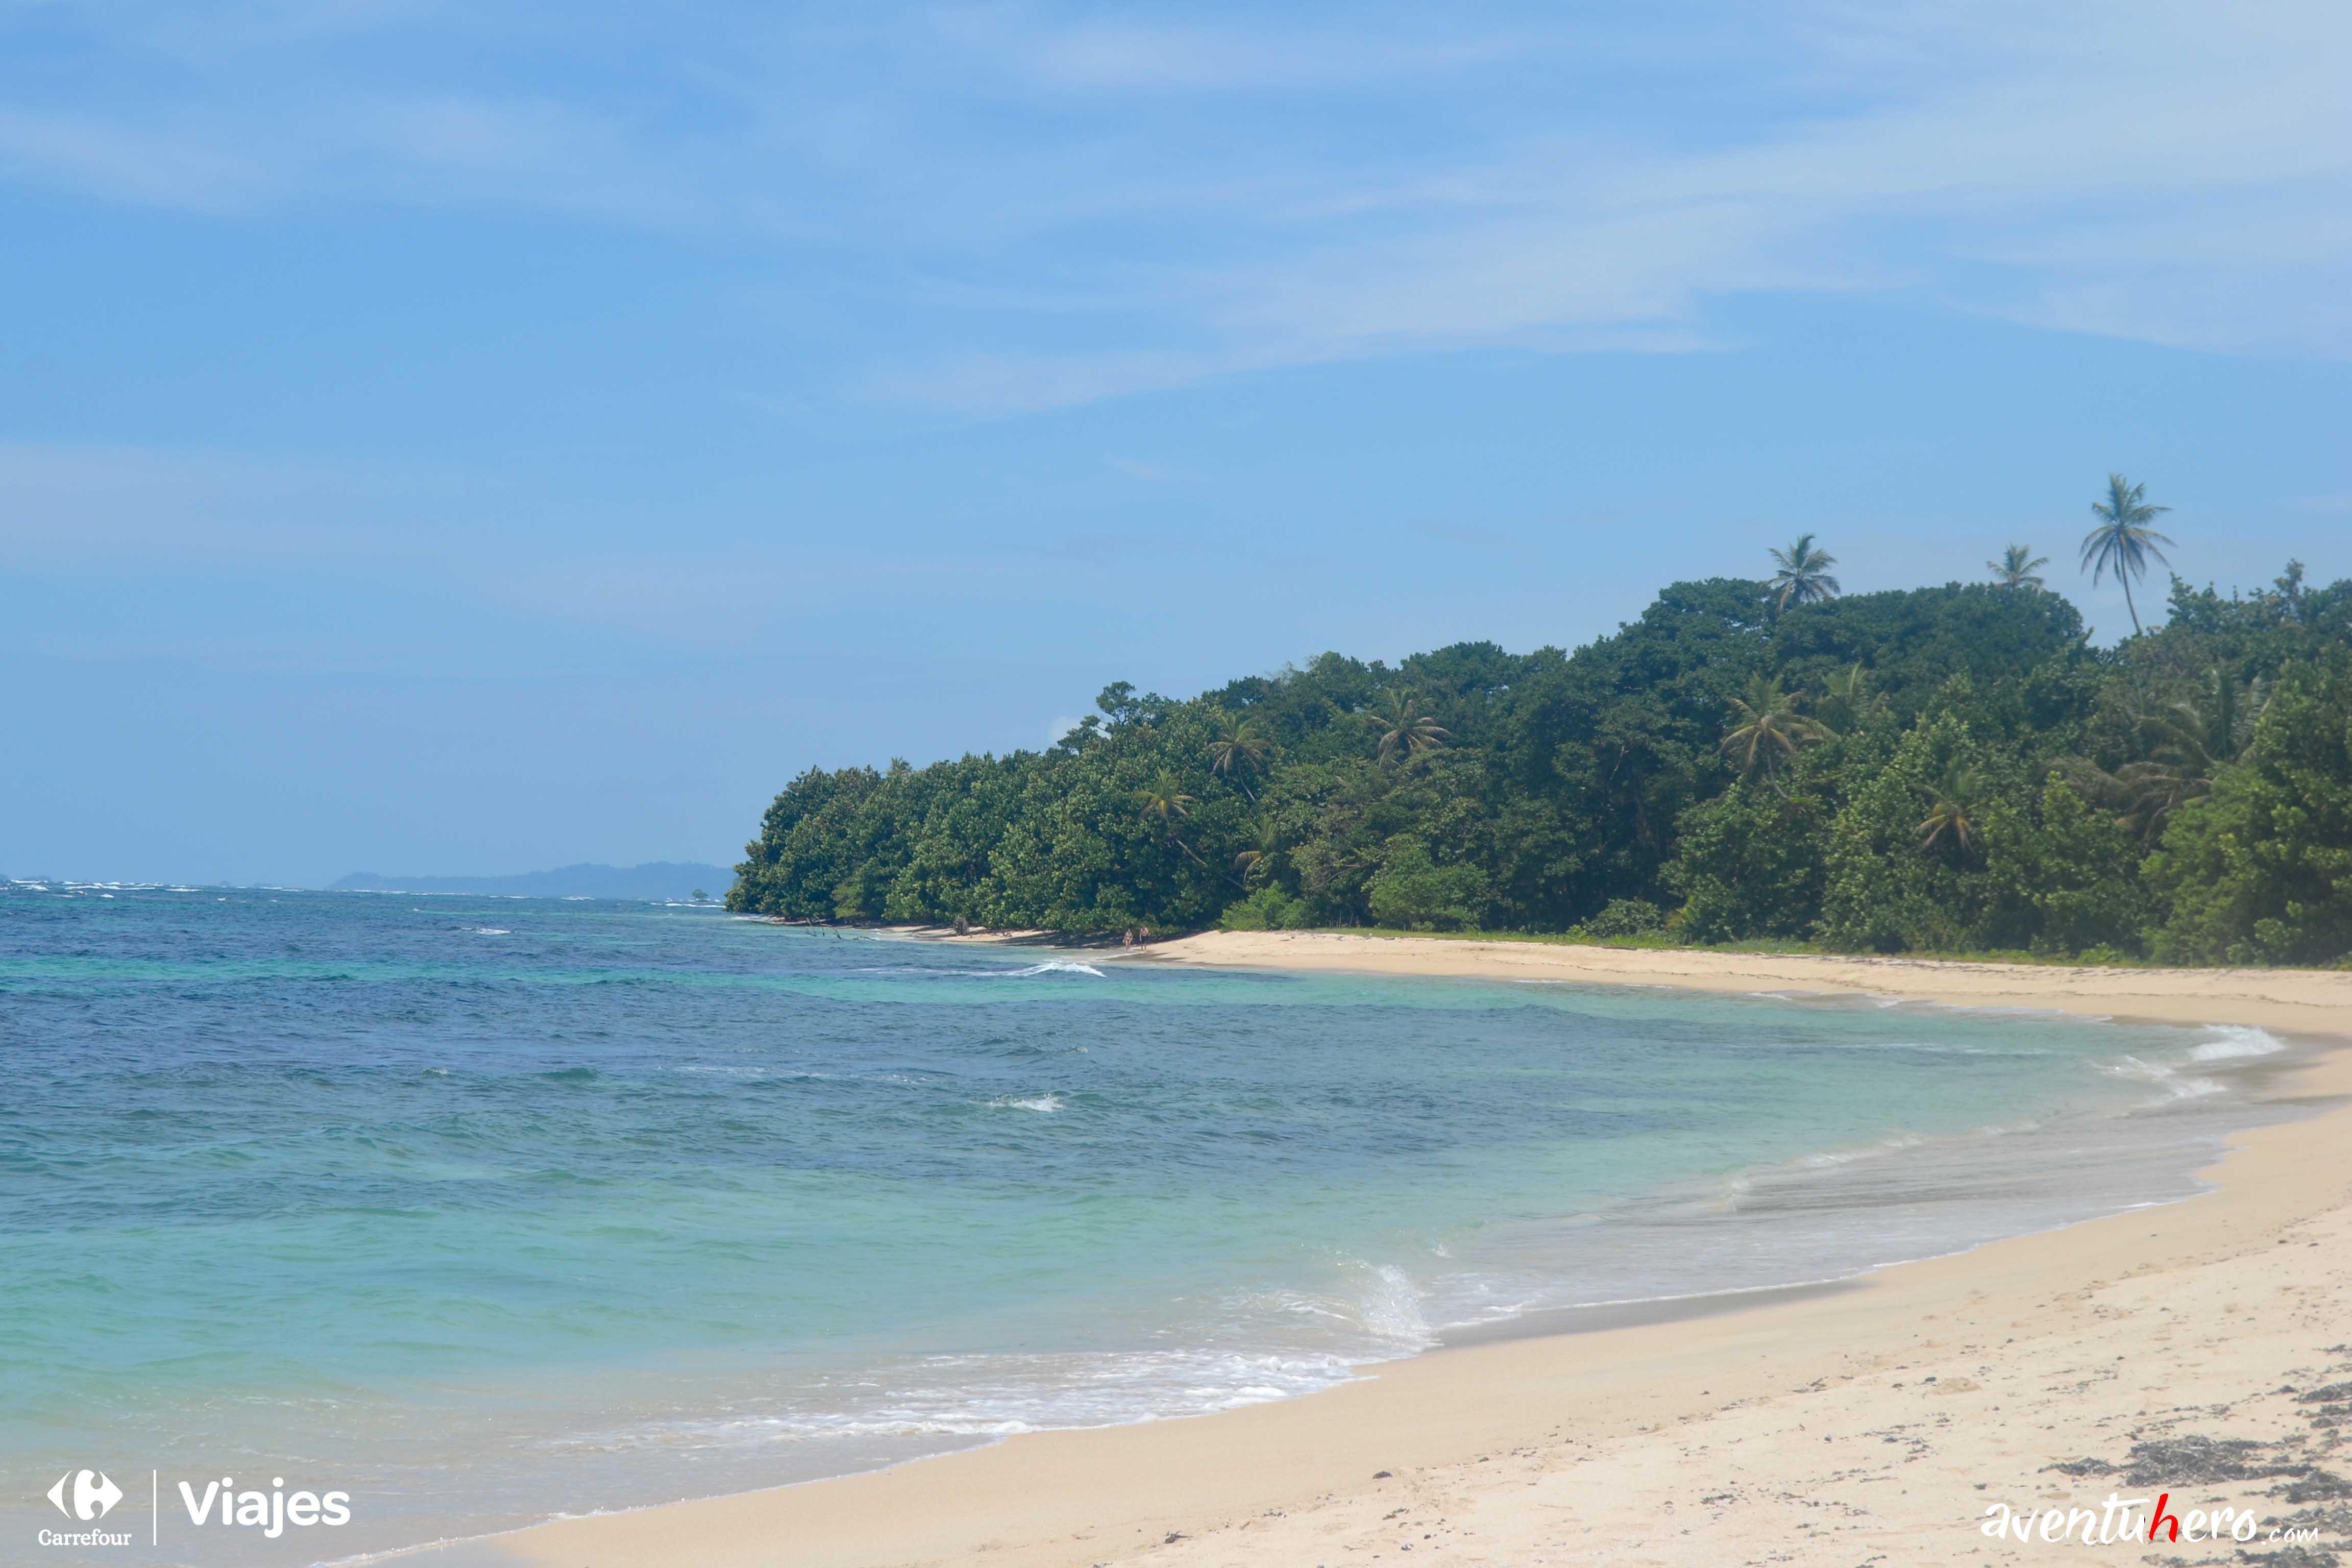 La increible playa de Cayo Zapatilla